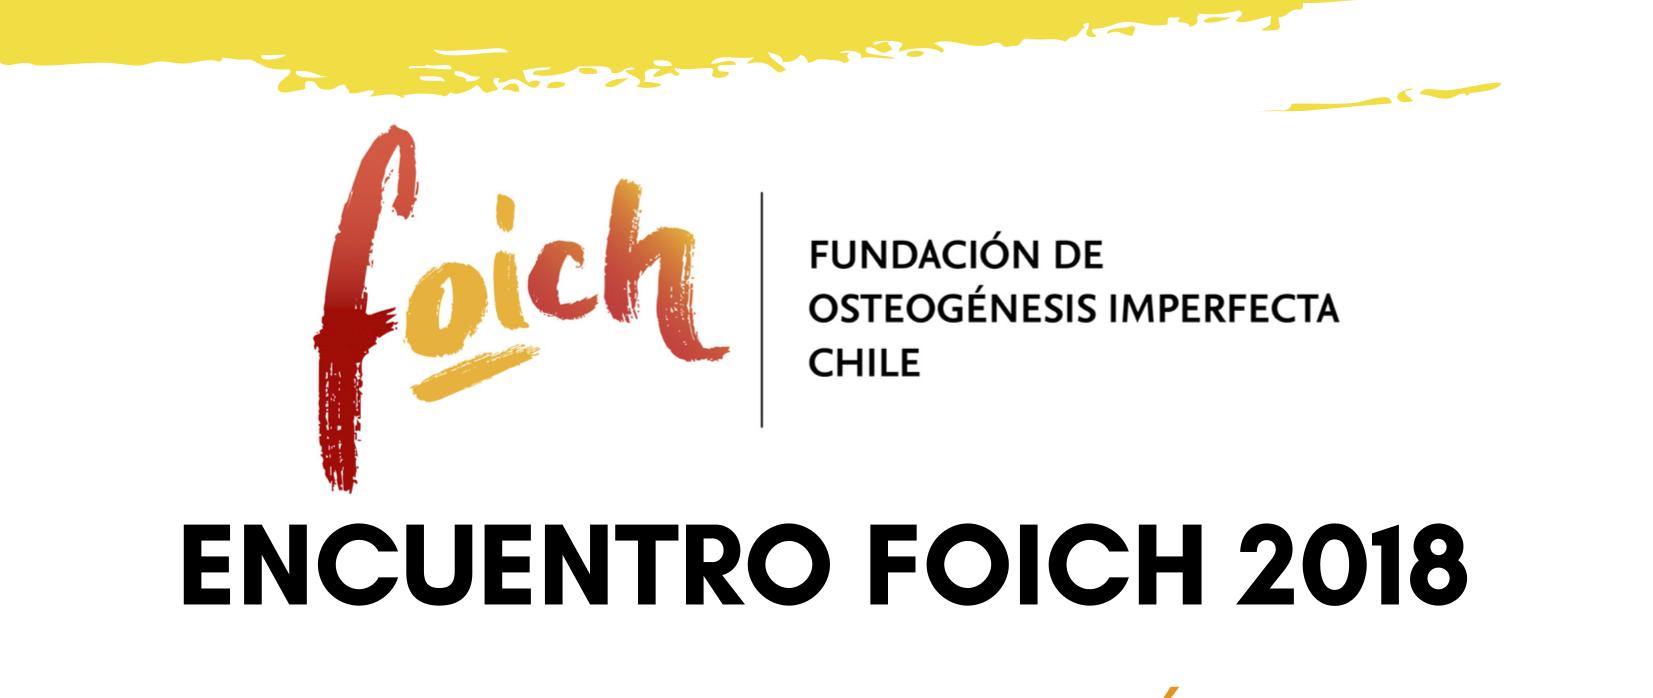 Te invitamos al Encuentro Foich 2018